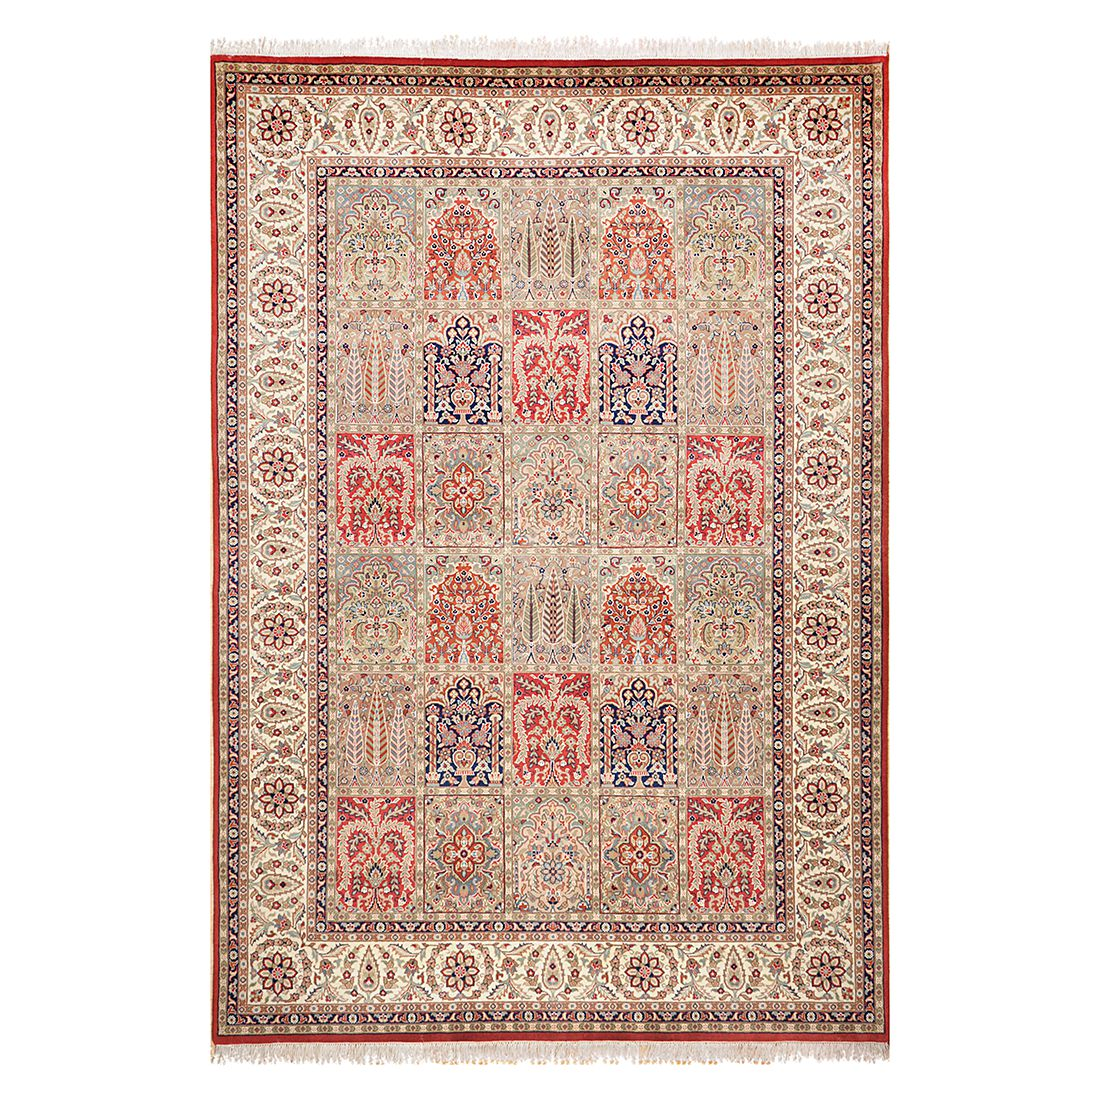 Teppich Sirsa Silk touch – Seide/Rot – 170 cm x 240 cm, THEKO die markenteppiche günstig bestellen